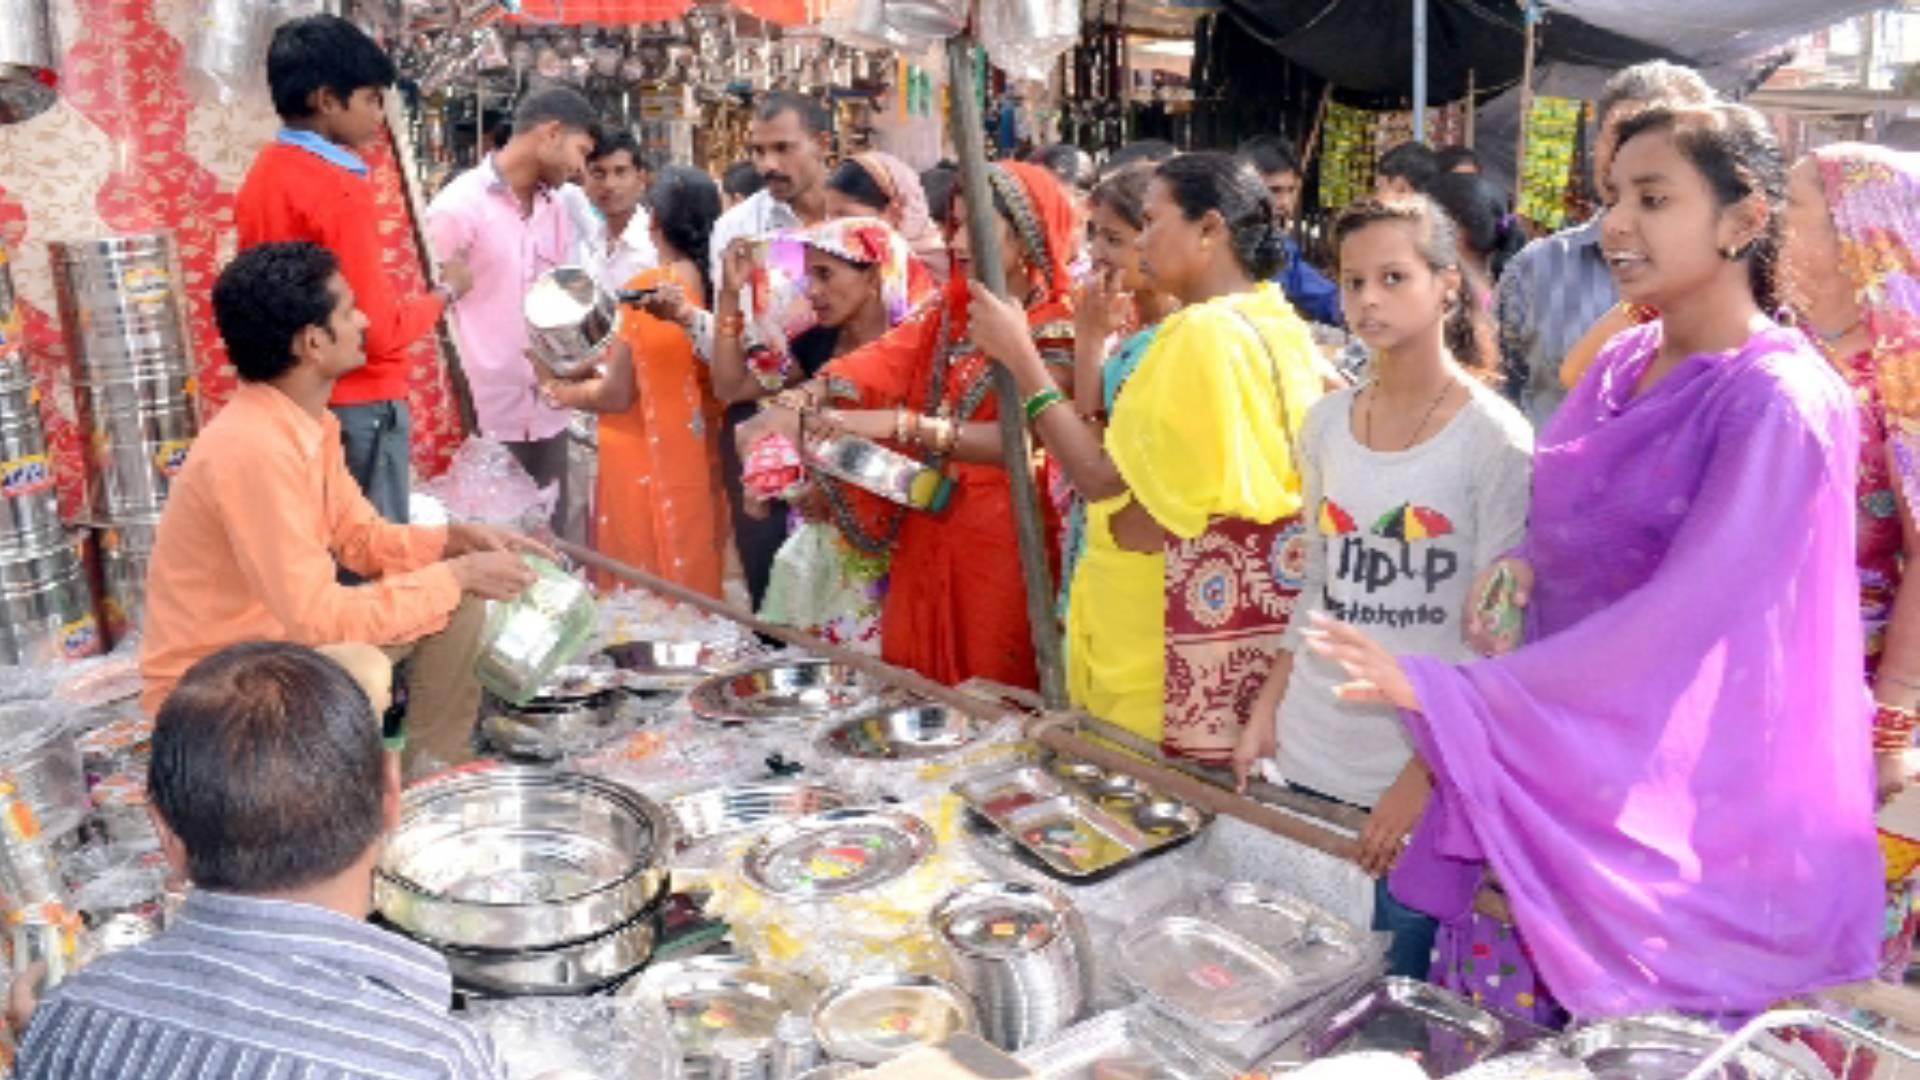 Dhanteras 2019: धनतेरस पर भूलकर भी ना लाए ये 5 सामान वरना जीवन भर बना रहेगा किस्मत में दुर्भाग्य